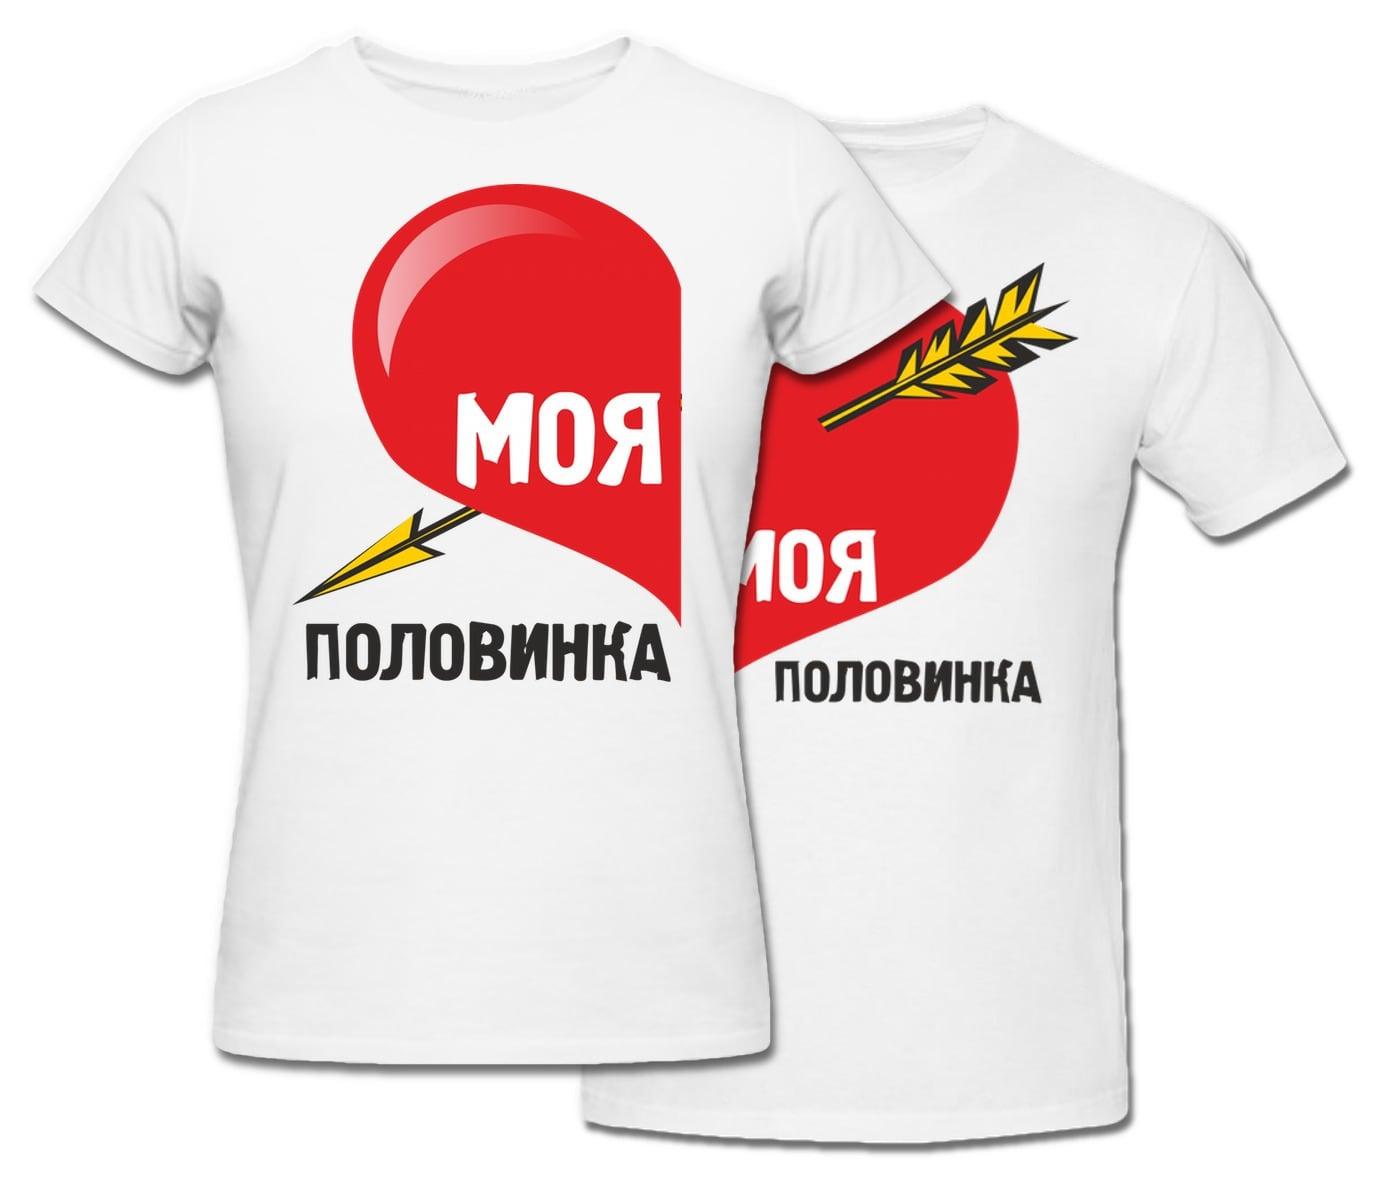 печать на футболках с надписью